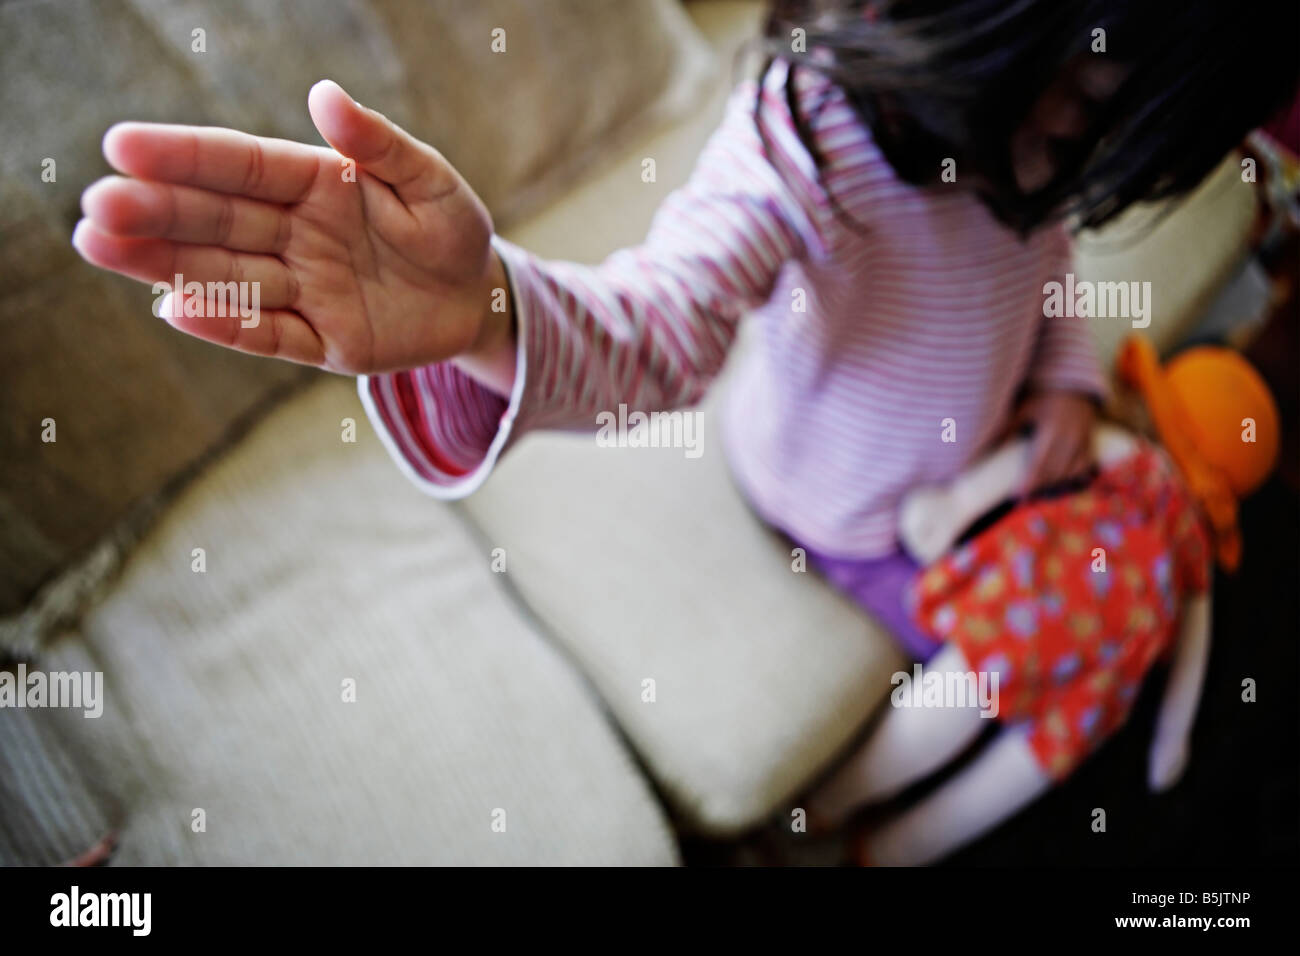 Cinco años de edad, niña huele doll Foto de stock